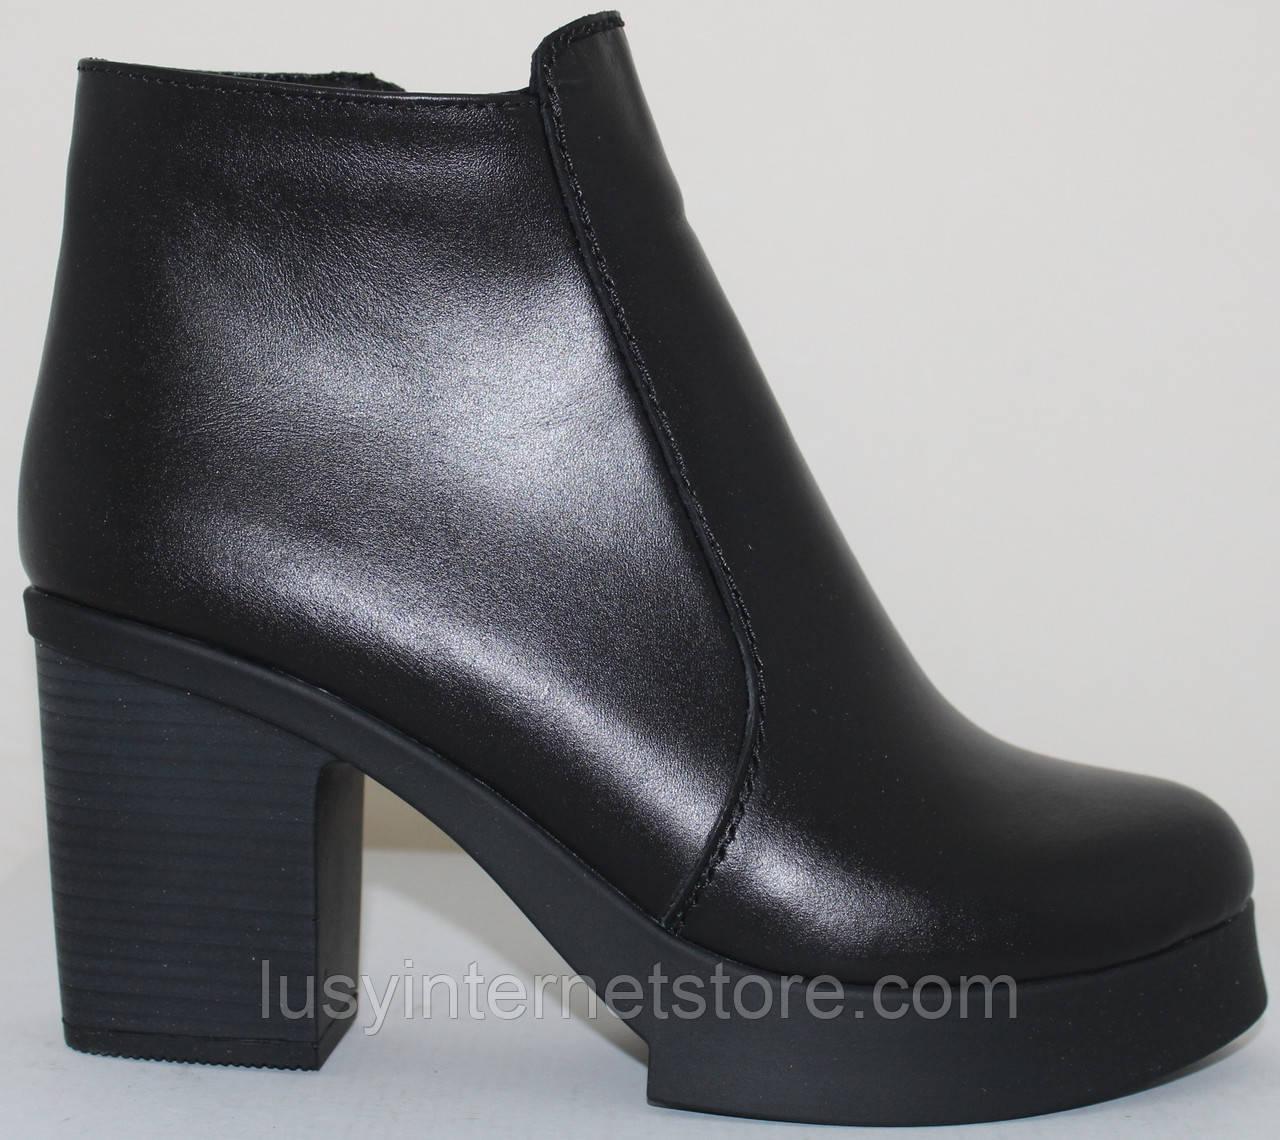 Зимние женские ботинки кожаные на каблуке от производителя модель СТБ16